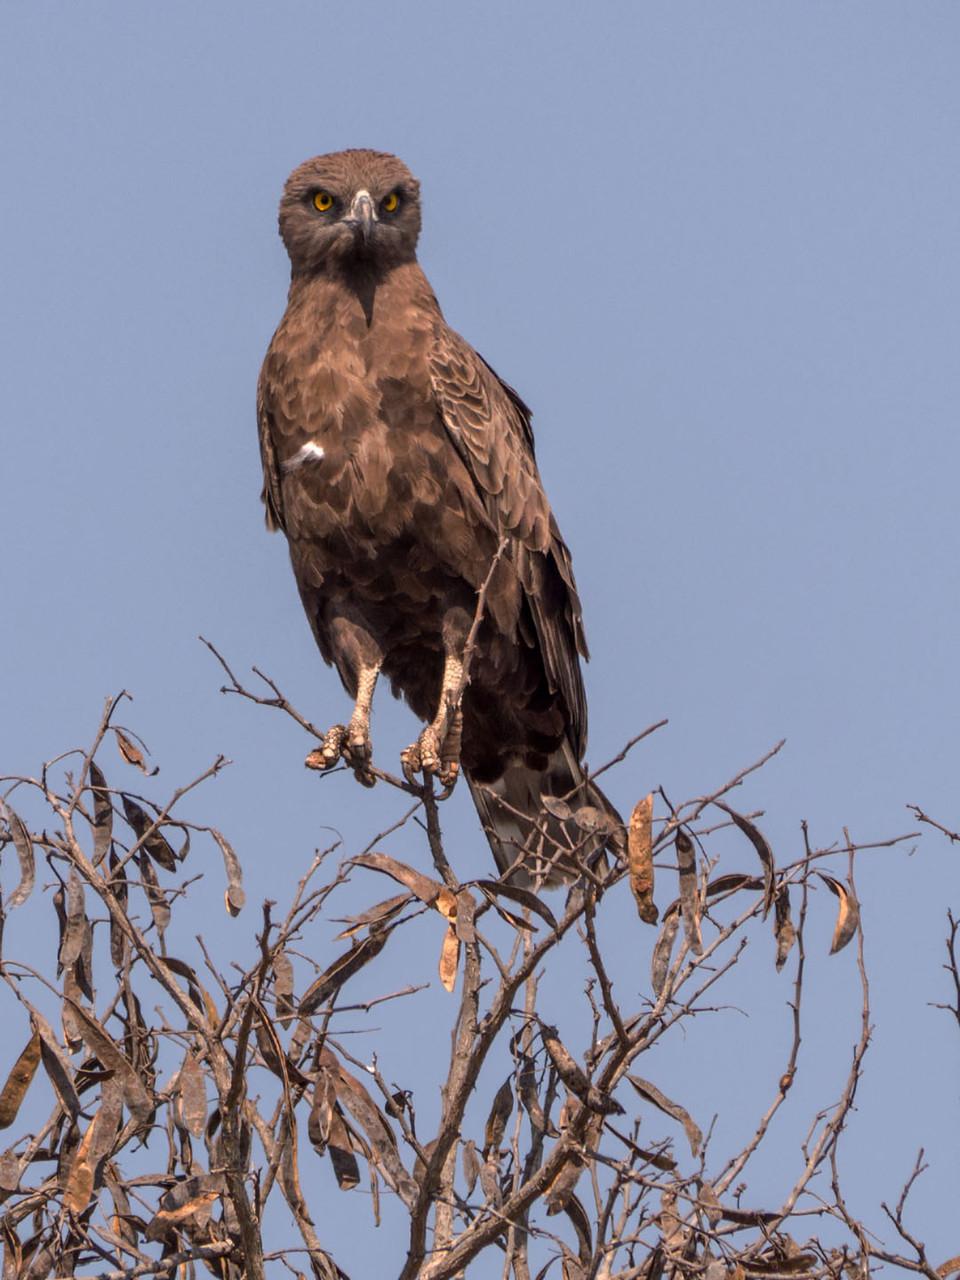 [Kruger NP, South Africa, 2015]